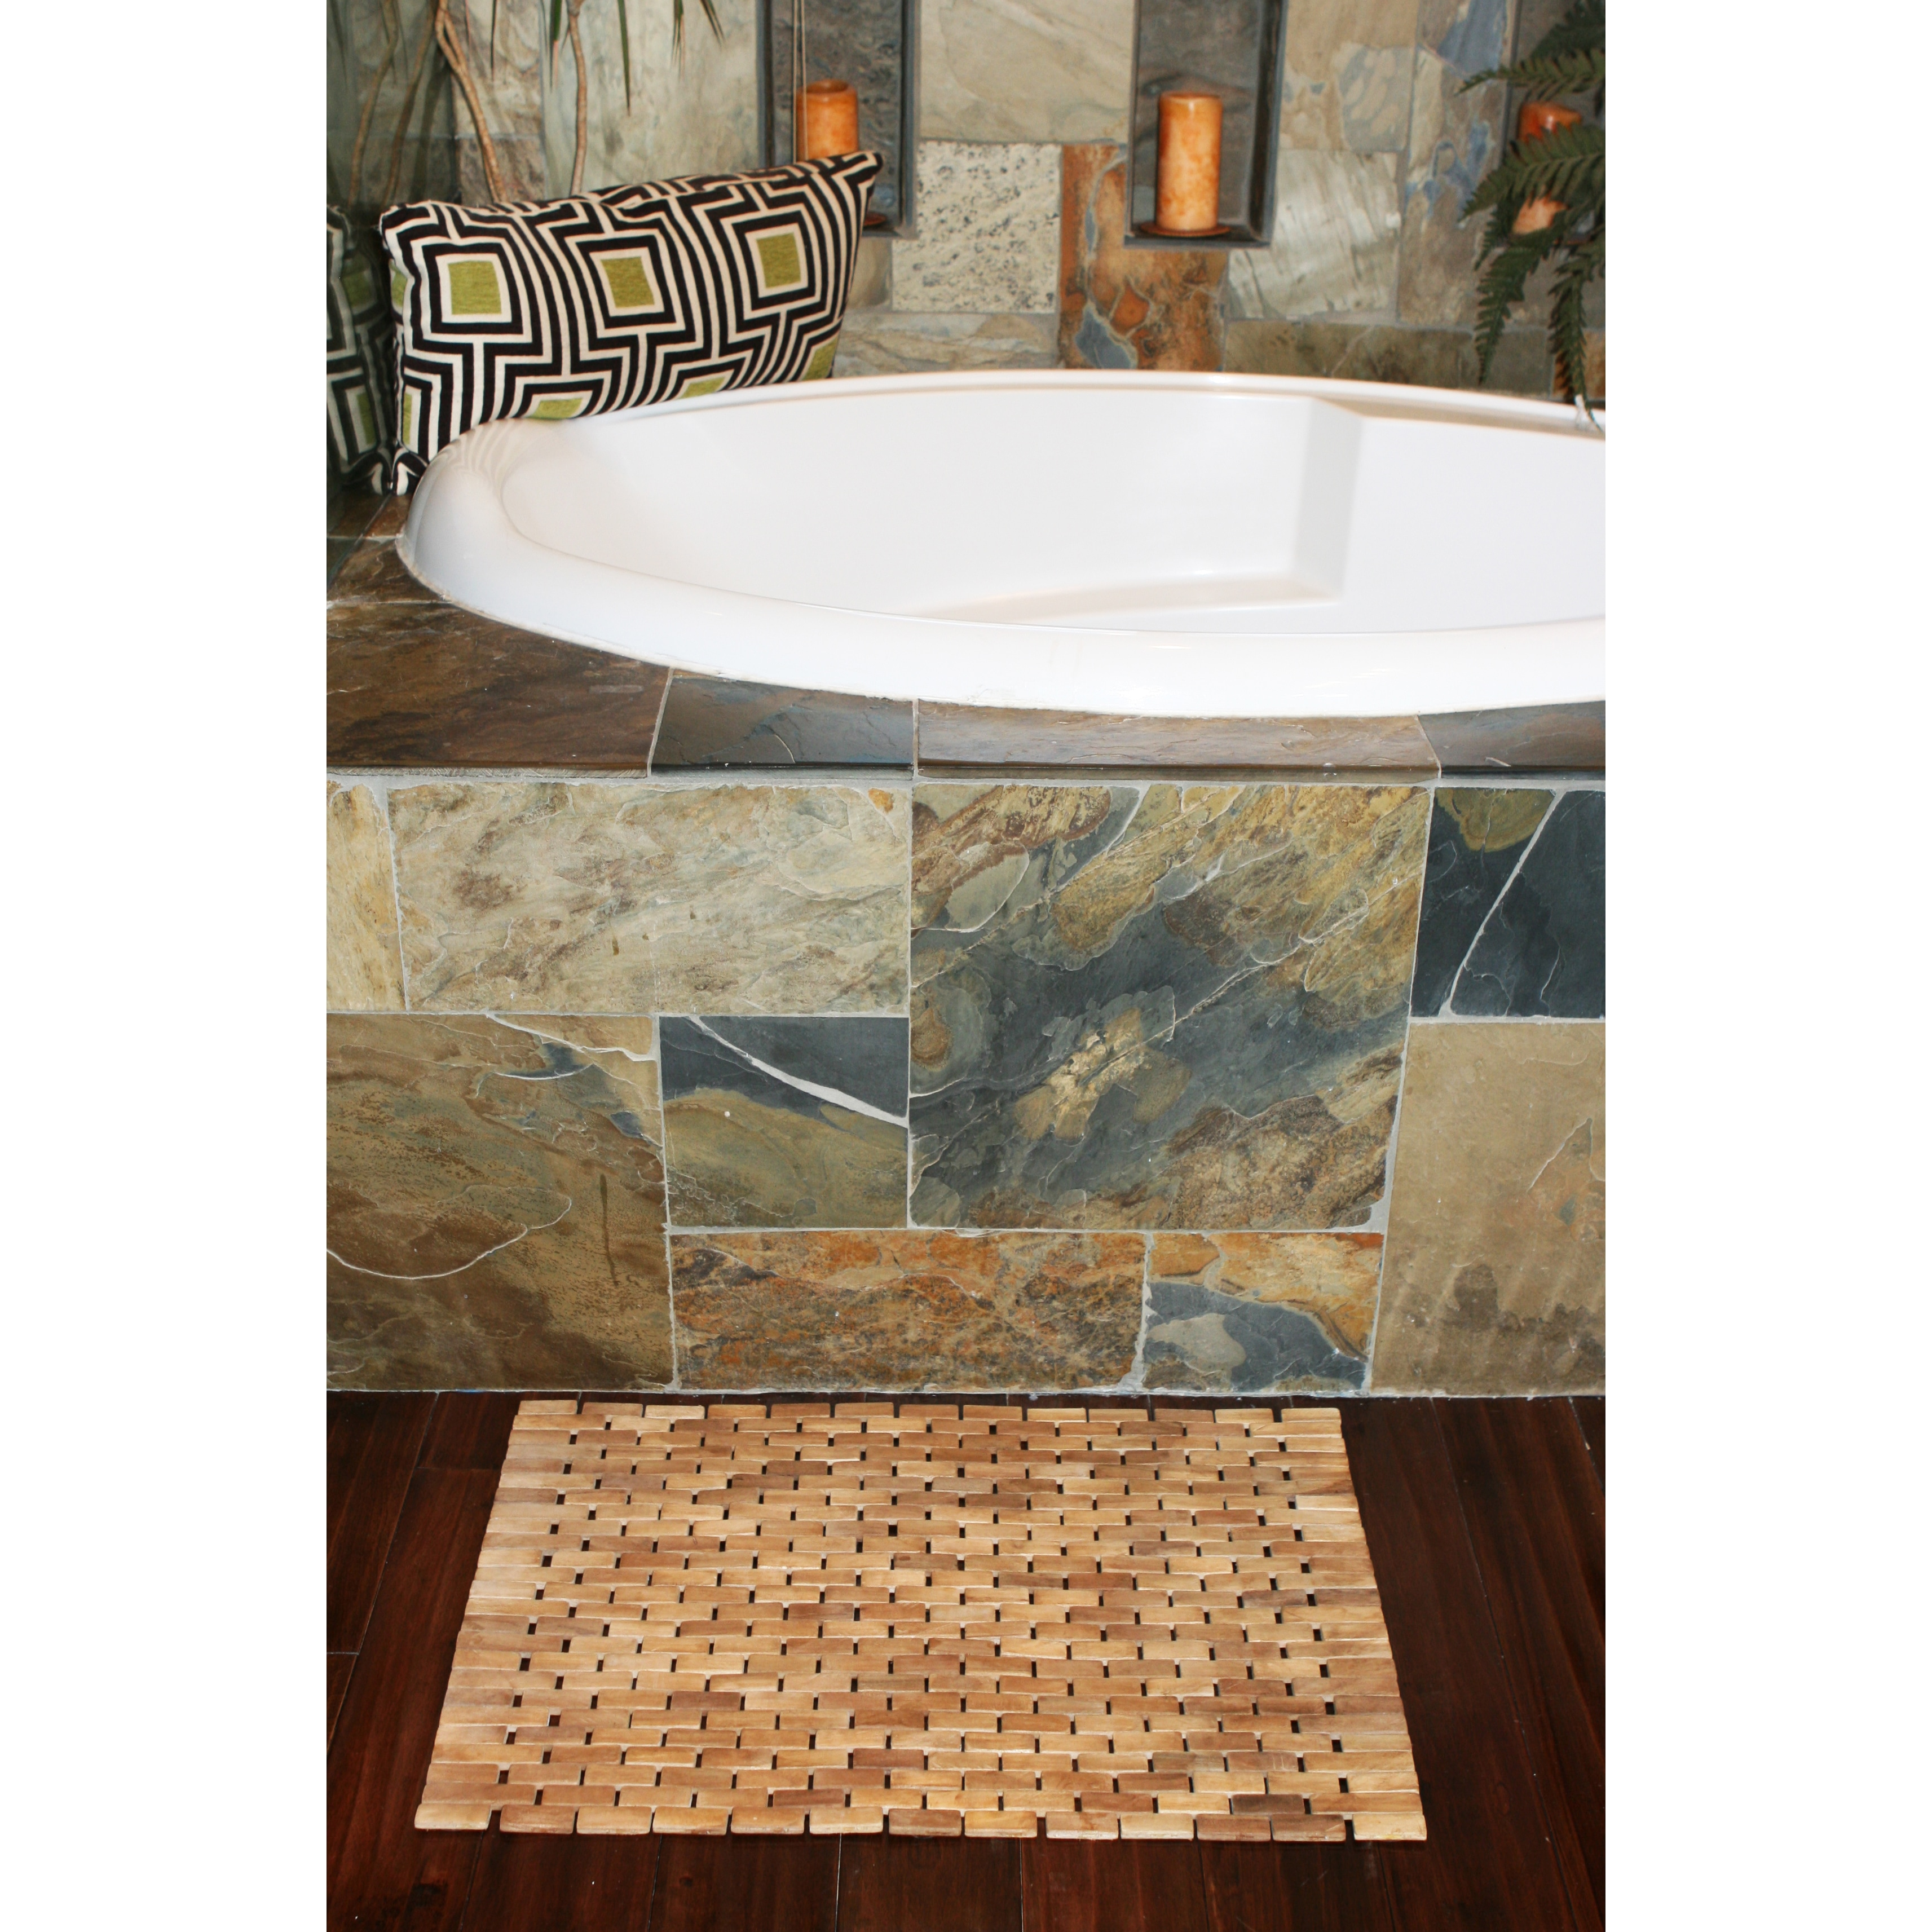 Hip O Modern Living Teak Indoor Outdoor Bath And Shower Mat 19 5 X 27 5 Walmart Com Walmart Com